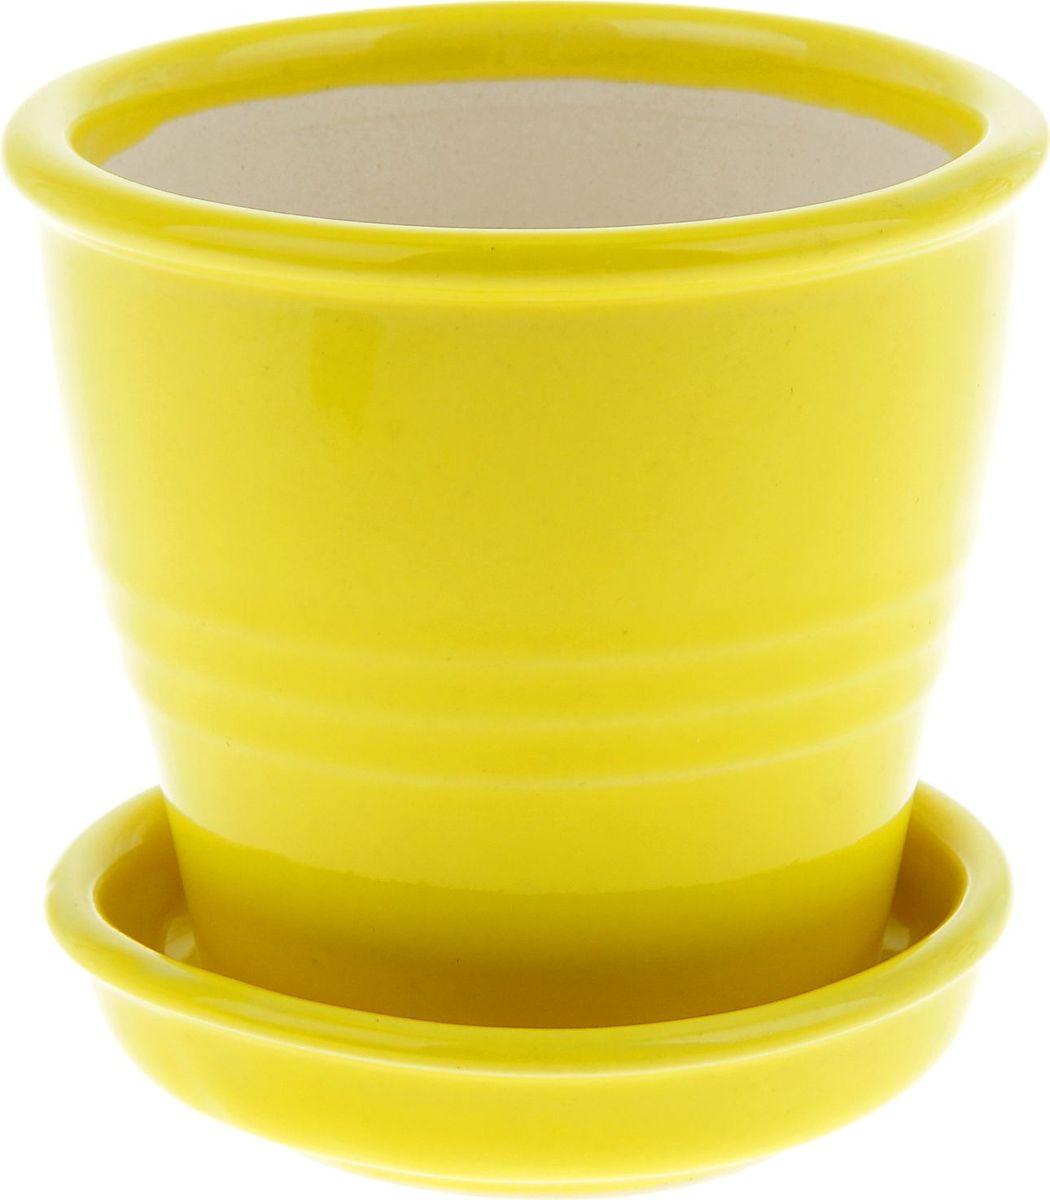 Кашпо Керамика ручной работы Классик, цвет: желтый, 0,23 л10503Комнатные растения — всеобщие любимцы. Они радуют глаз, насыщают помещение кислородом и украшают пространство. Каждому из них необходим свой удобный и красивый дом. Кашпо из керамики прекрасно подходят для высадки растений: за счёт пластичности глины и разных способов обработки существует великое множество форм и дизайновпористый материал позволяет испаряться лишней влагевоздух, необходимый для дыхания корней, проникает сквозь керамические стенки! #name# позаботится о зелёном питомце, освежит интерьер и подчеркнёт его стиль.